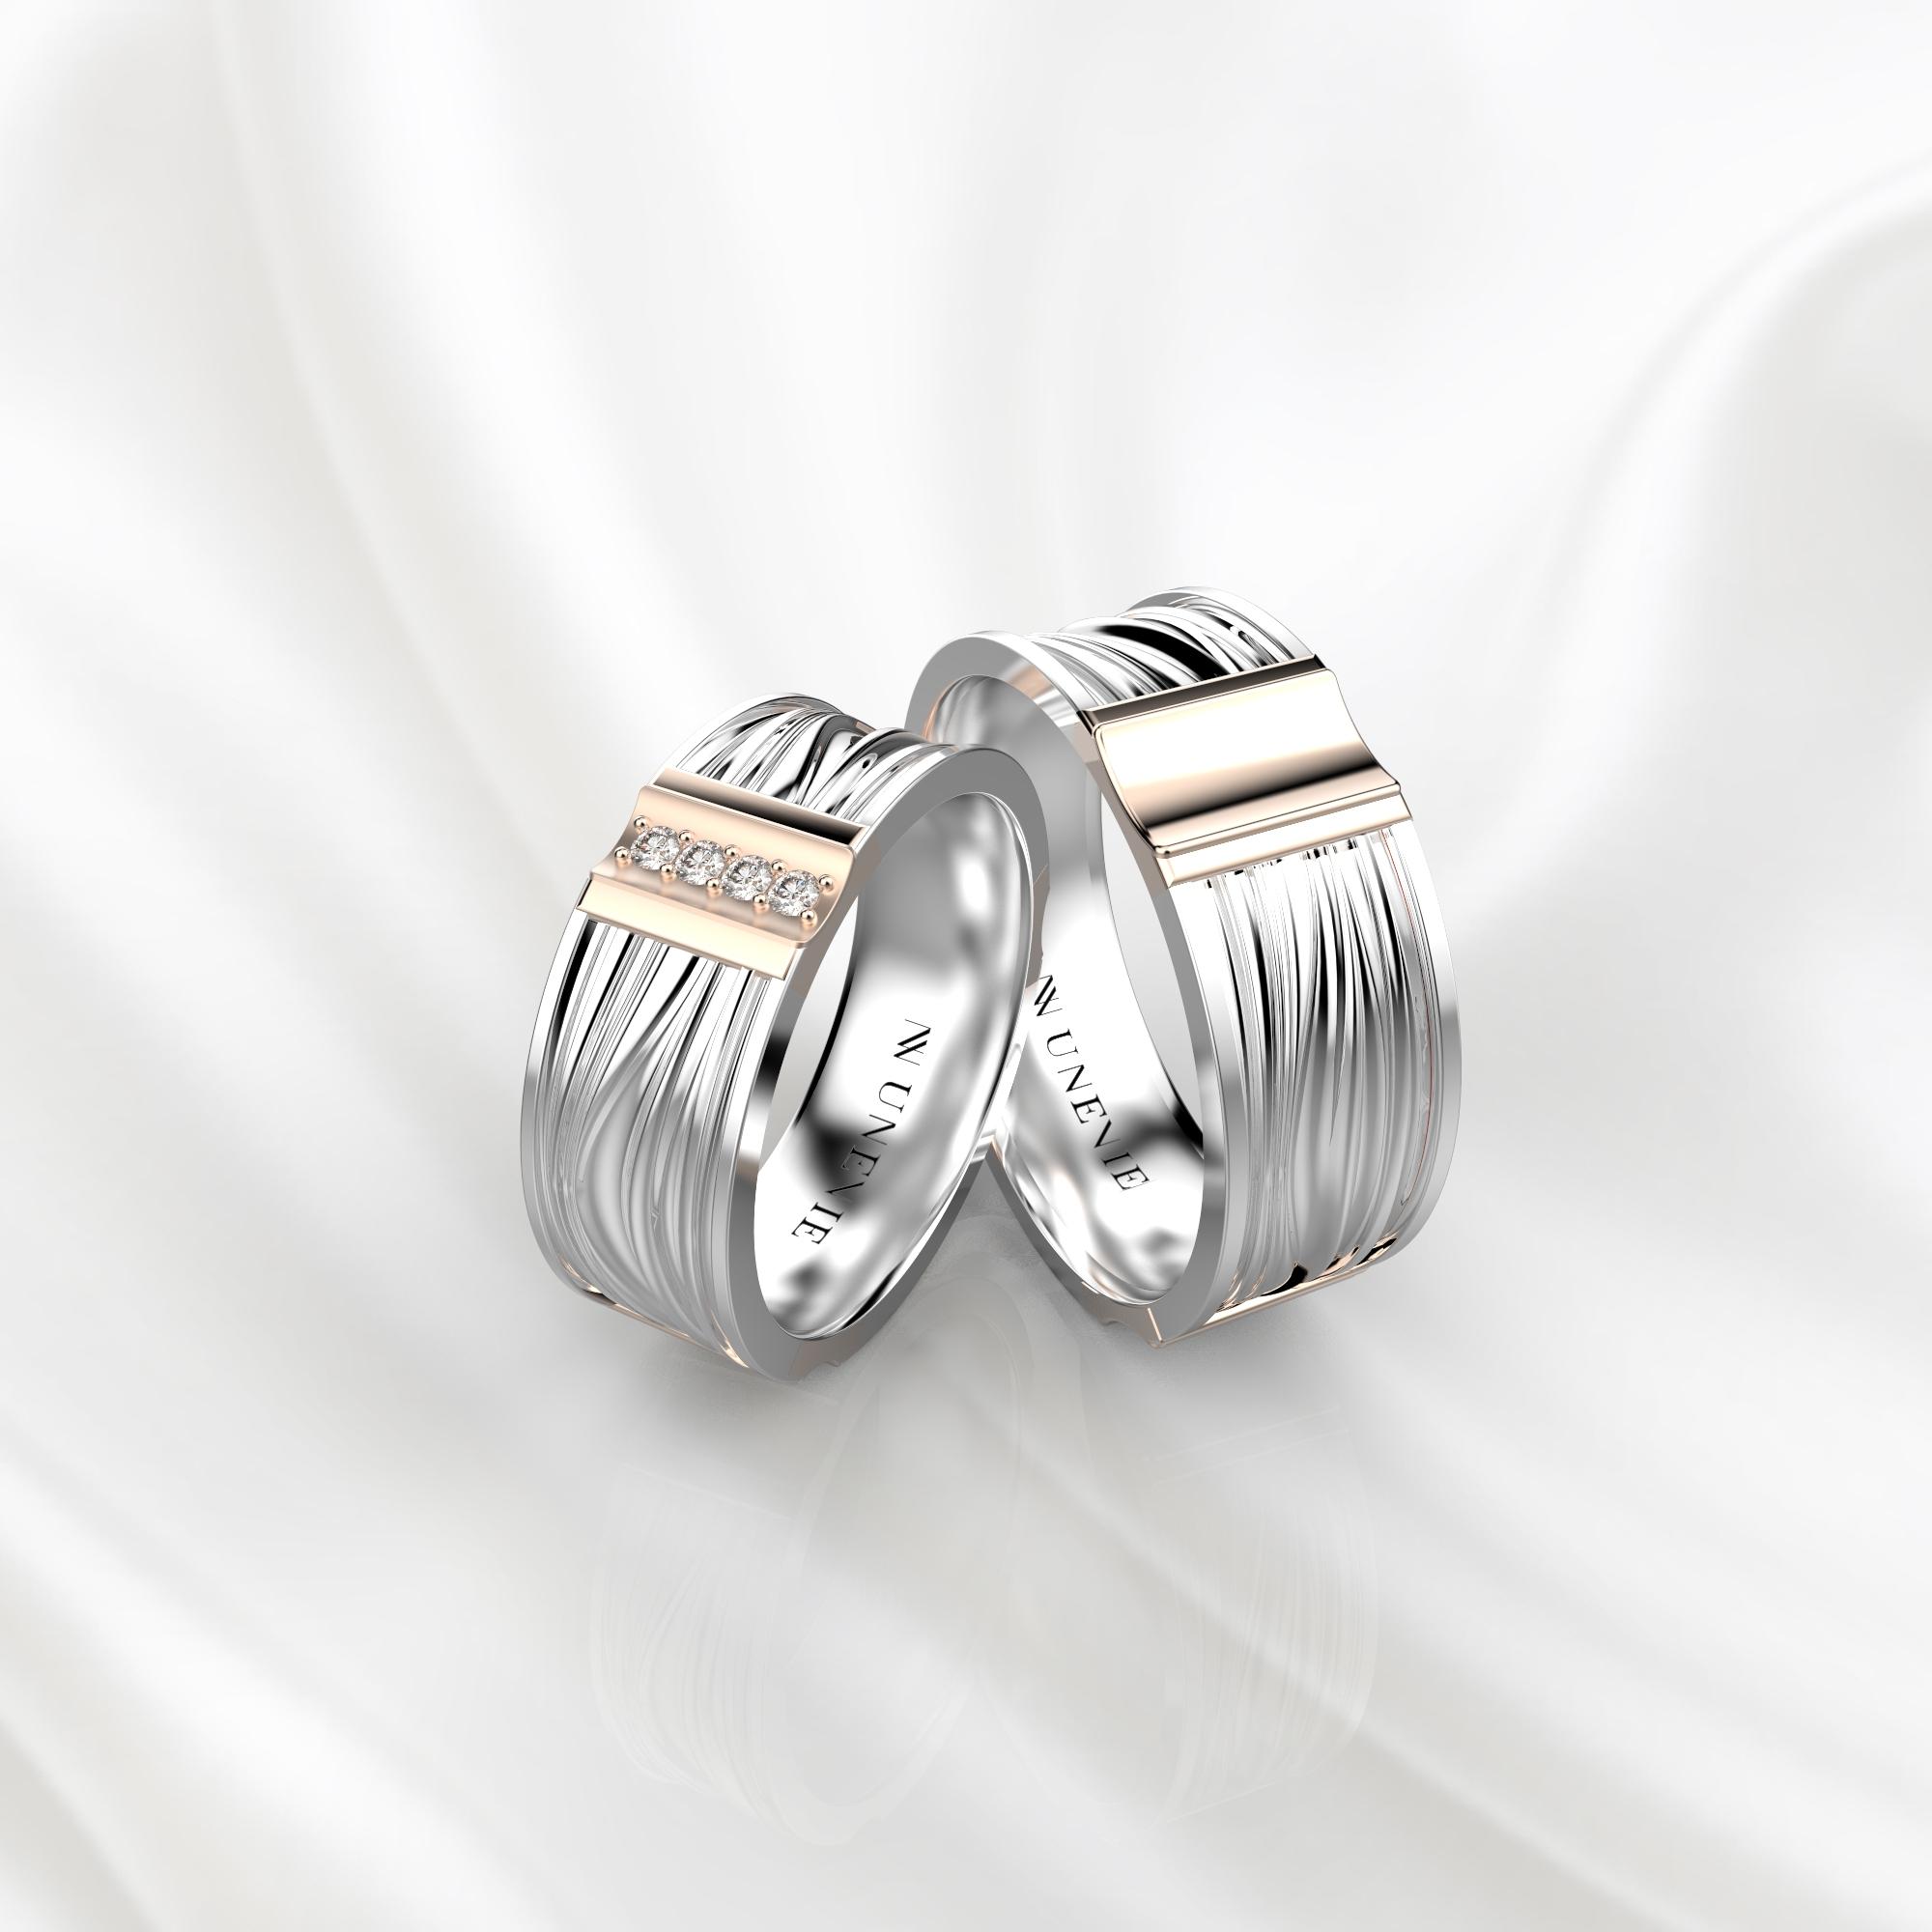 NV58 Парные обручальные кольца из бело-розового золота с бриллиантами